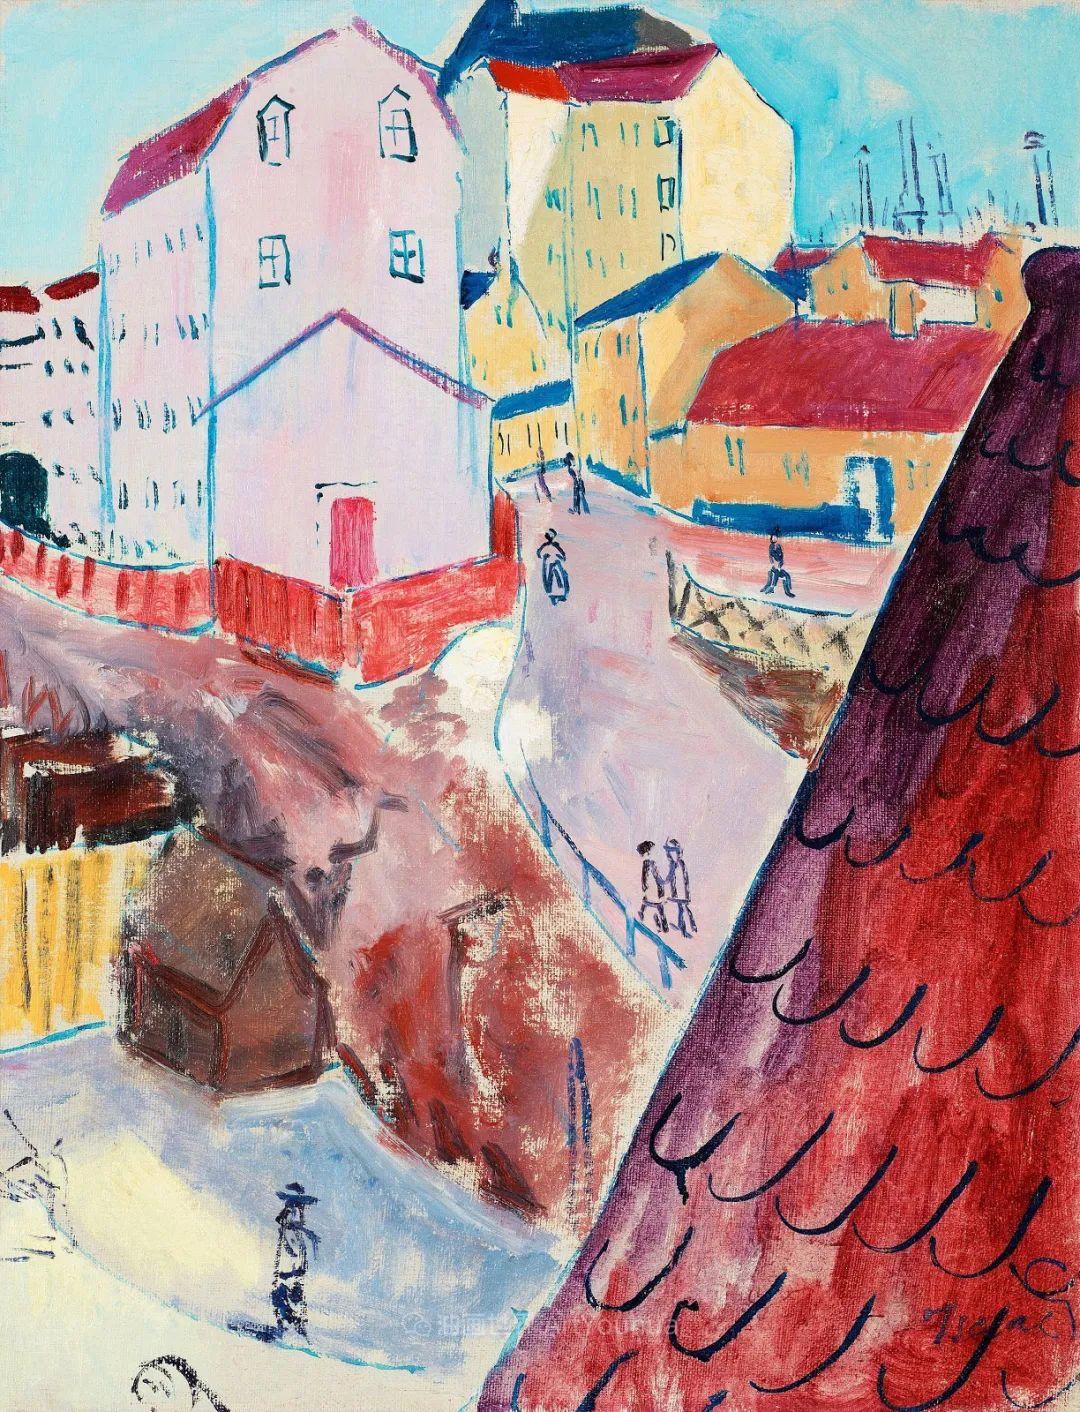 表现主义的色彩与笔触,第一代瑞典现代主义领军人物插图107